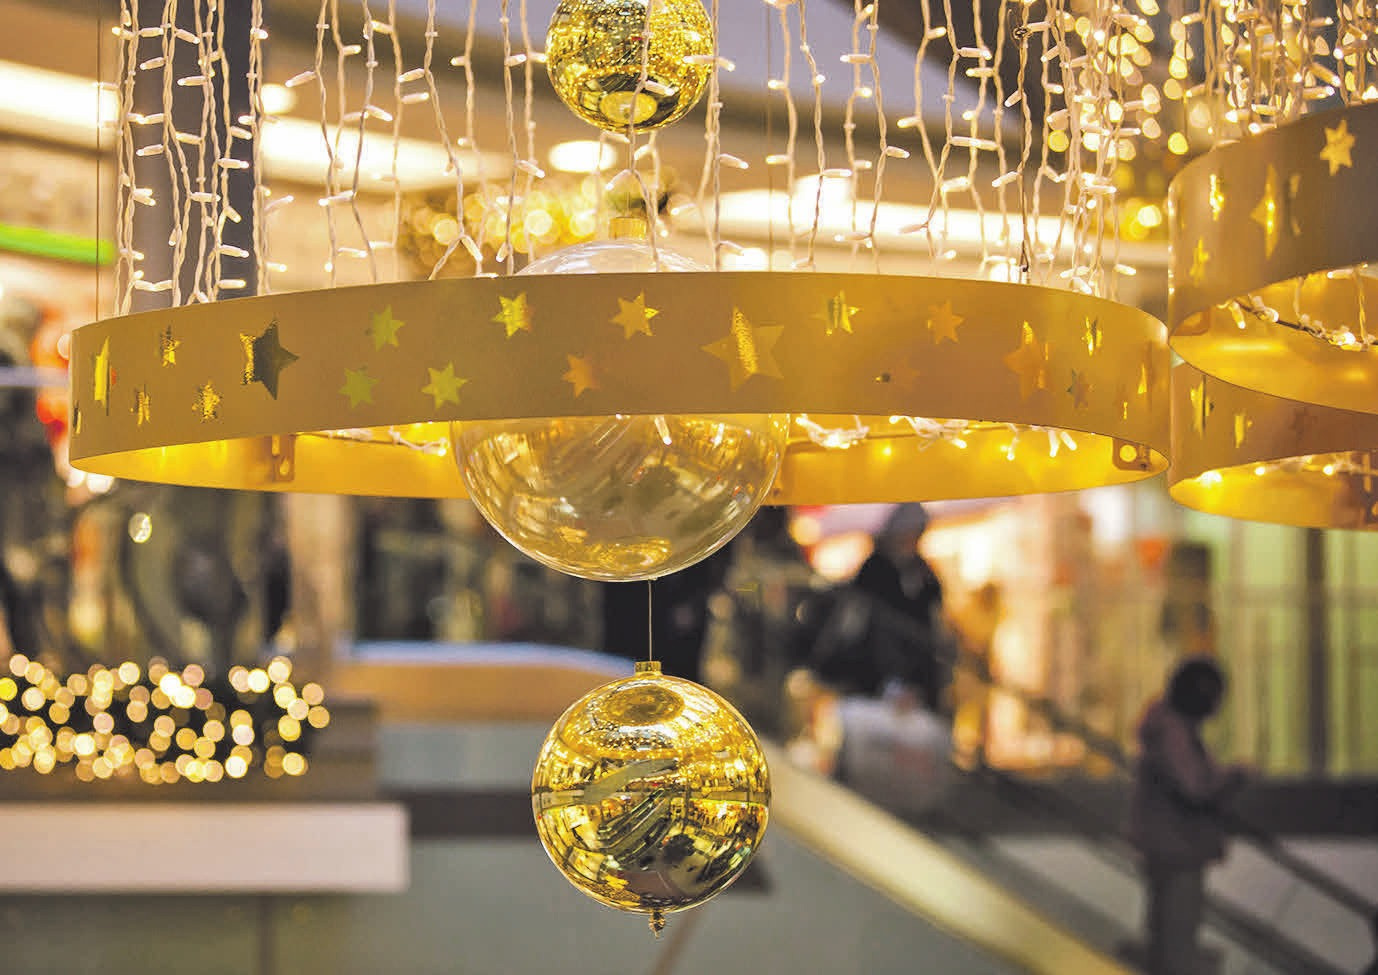 Die City-Galerie Wolfsburg hat am 24. und 31. Dezember jeweils von 9.30 bis 14 Uhr geöffnet.